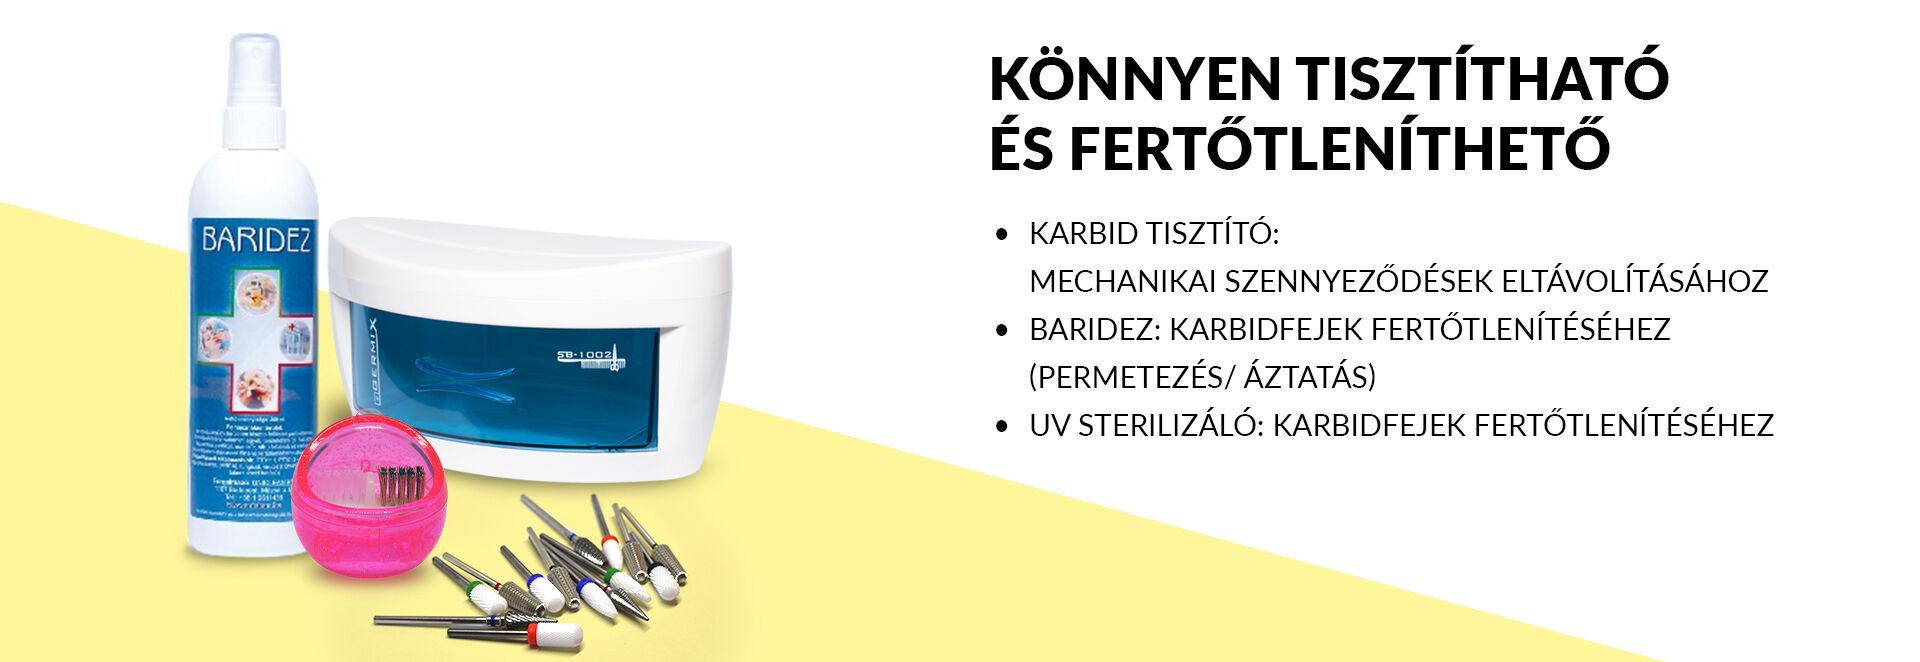 Könnyen tisztítható és fertőtleníthető Karbid tisztító: mechanikai szennyeződések eltávolításához Baridez: karbidfejek fertőtlenítéséhez (permetezés/ áztatás) UV Sterilizáló: karbidfejek fertőtlenítéséhez